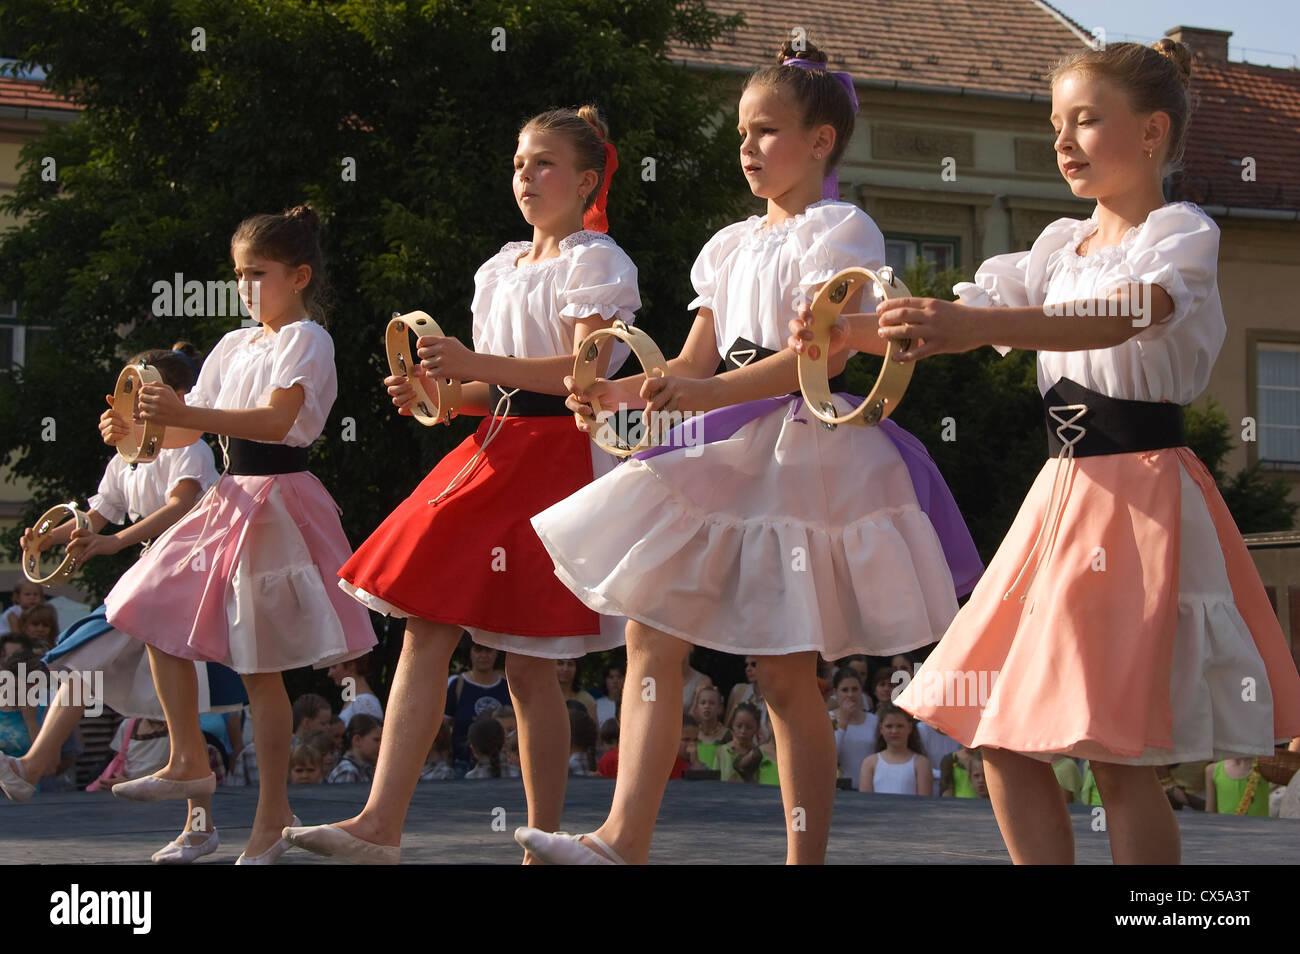 Elk190 3075 Hungary Eger Outdoor Dance School Show With